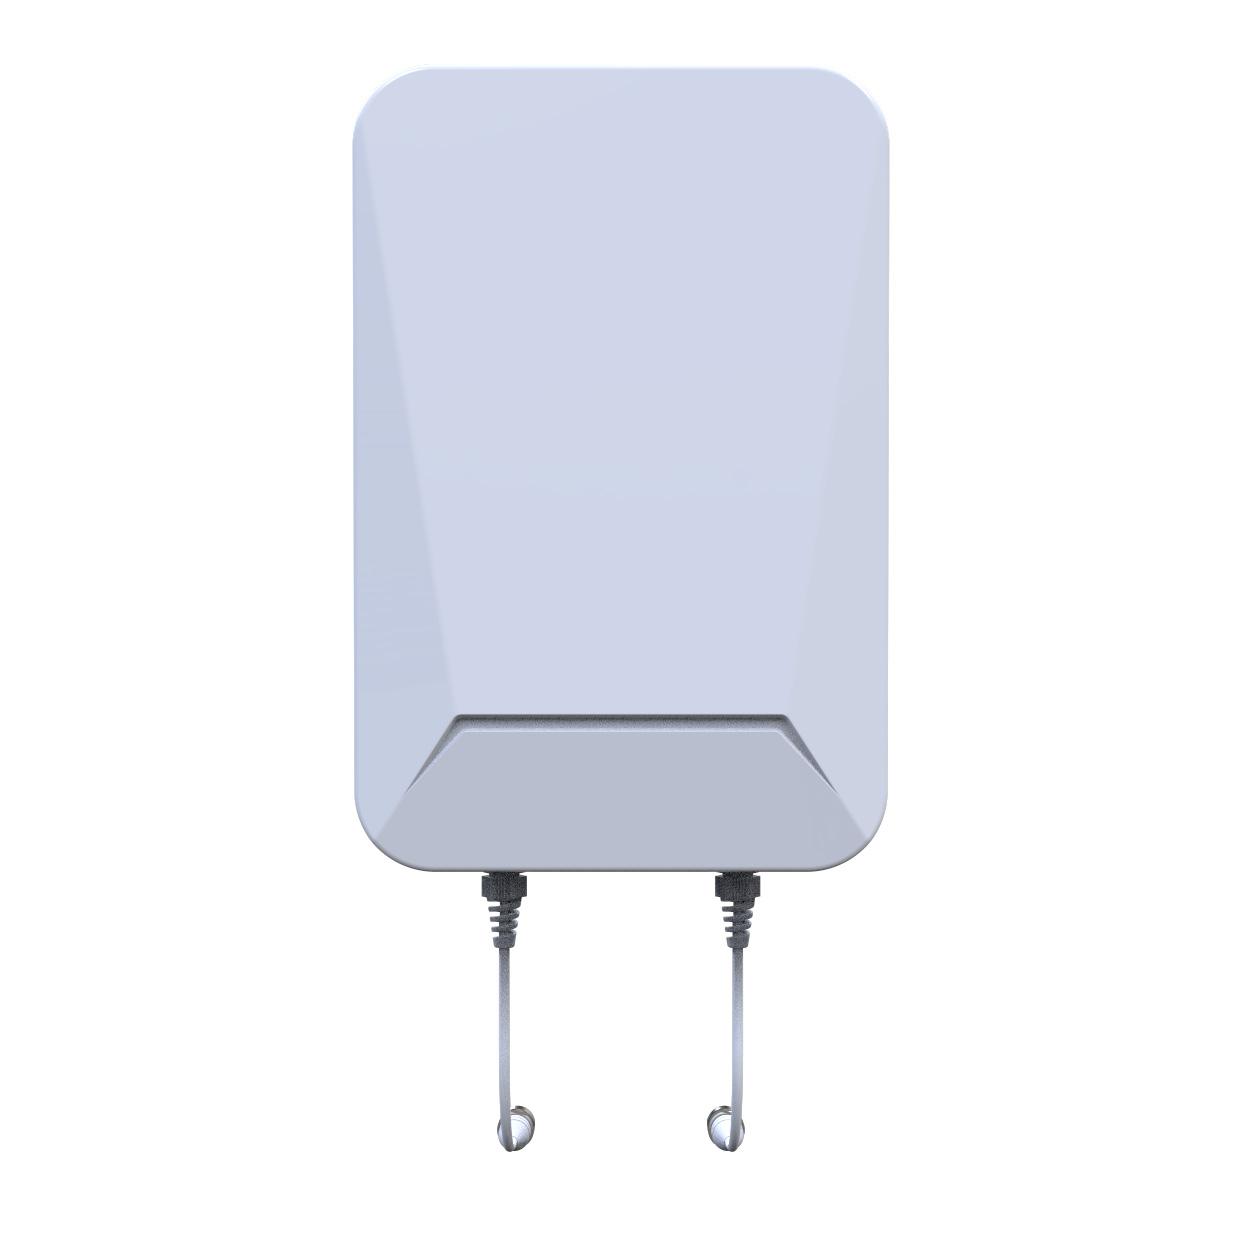 932660201-Indoor Directional Antenna